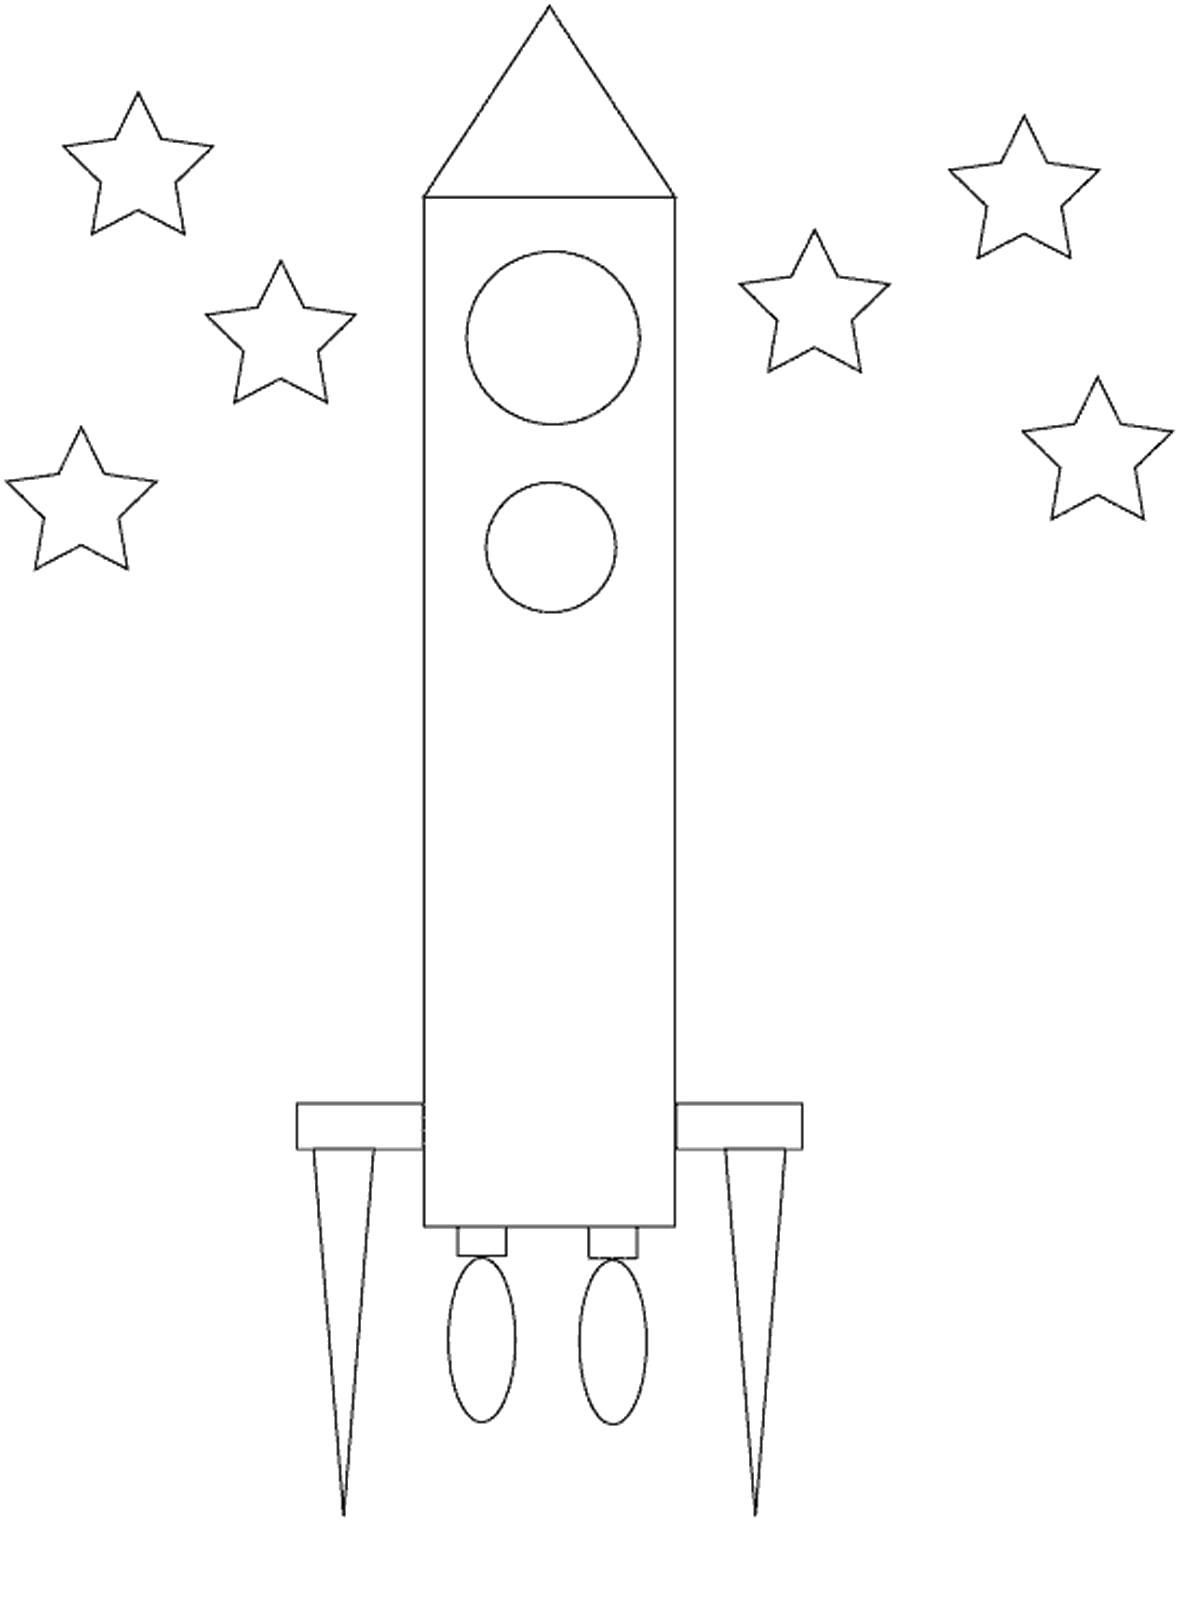 Раскраска ракета аппликация из бумаги. Скачать круг, звезда, треугольник.  Распечатать геометрические фигуры